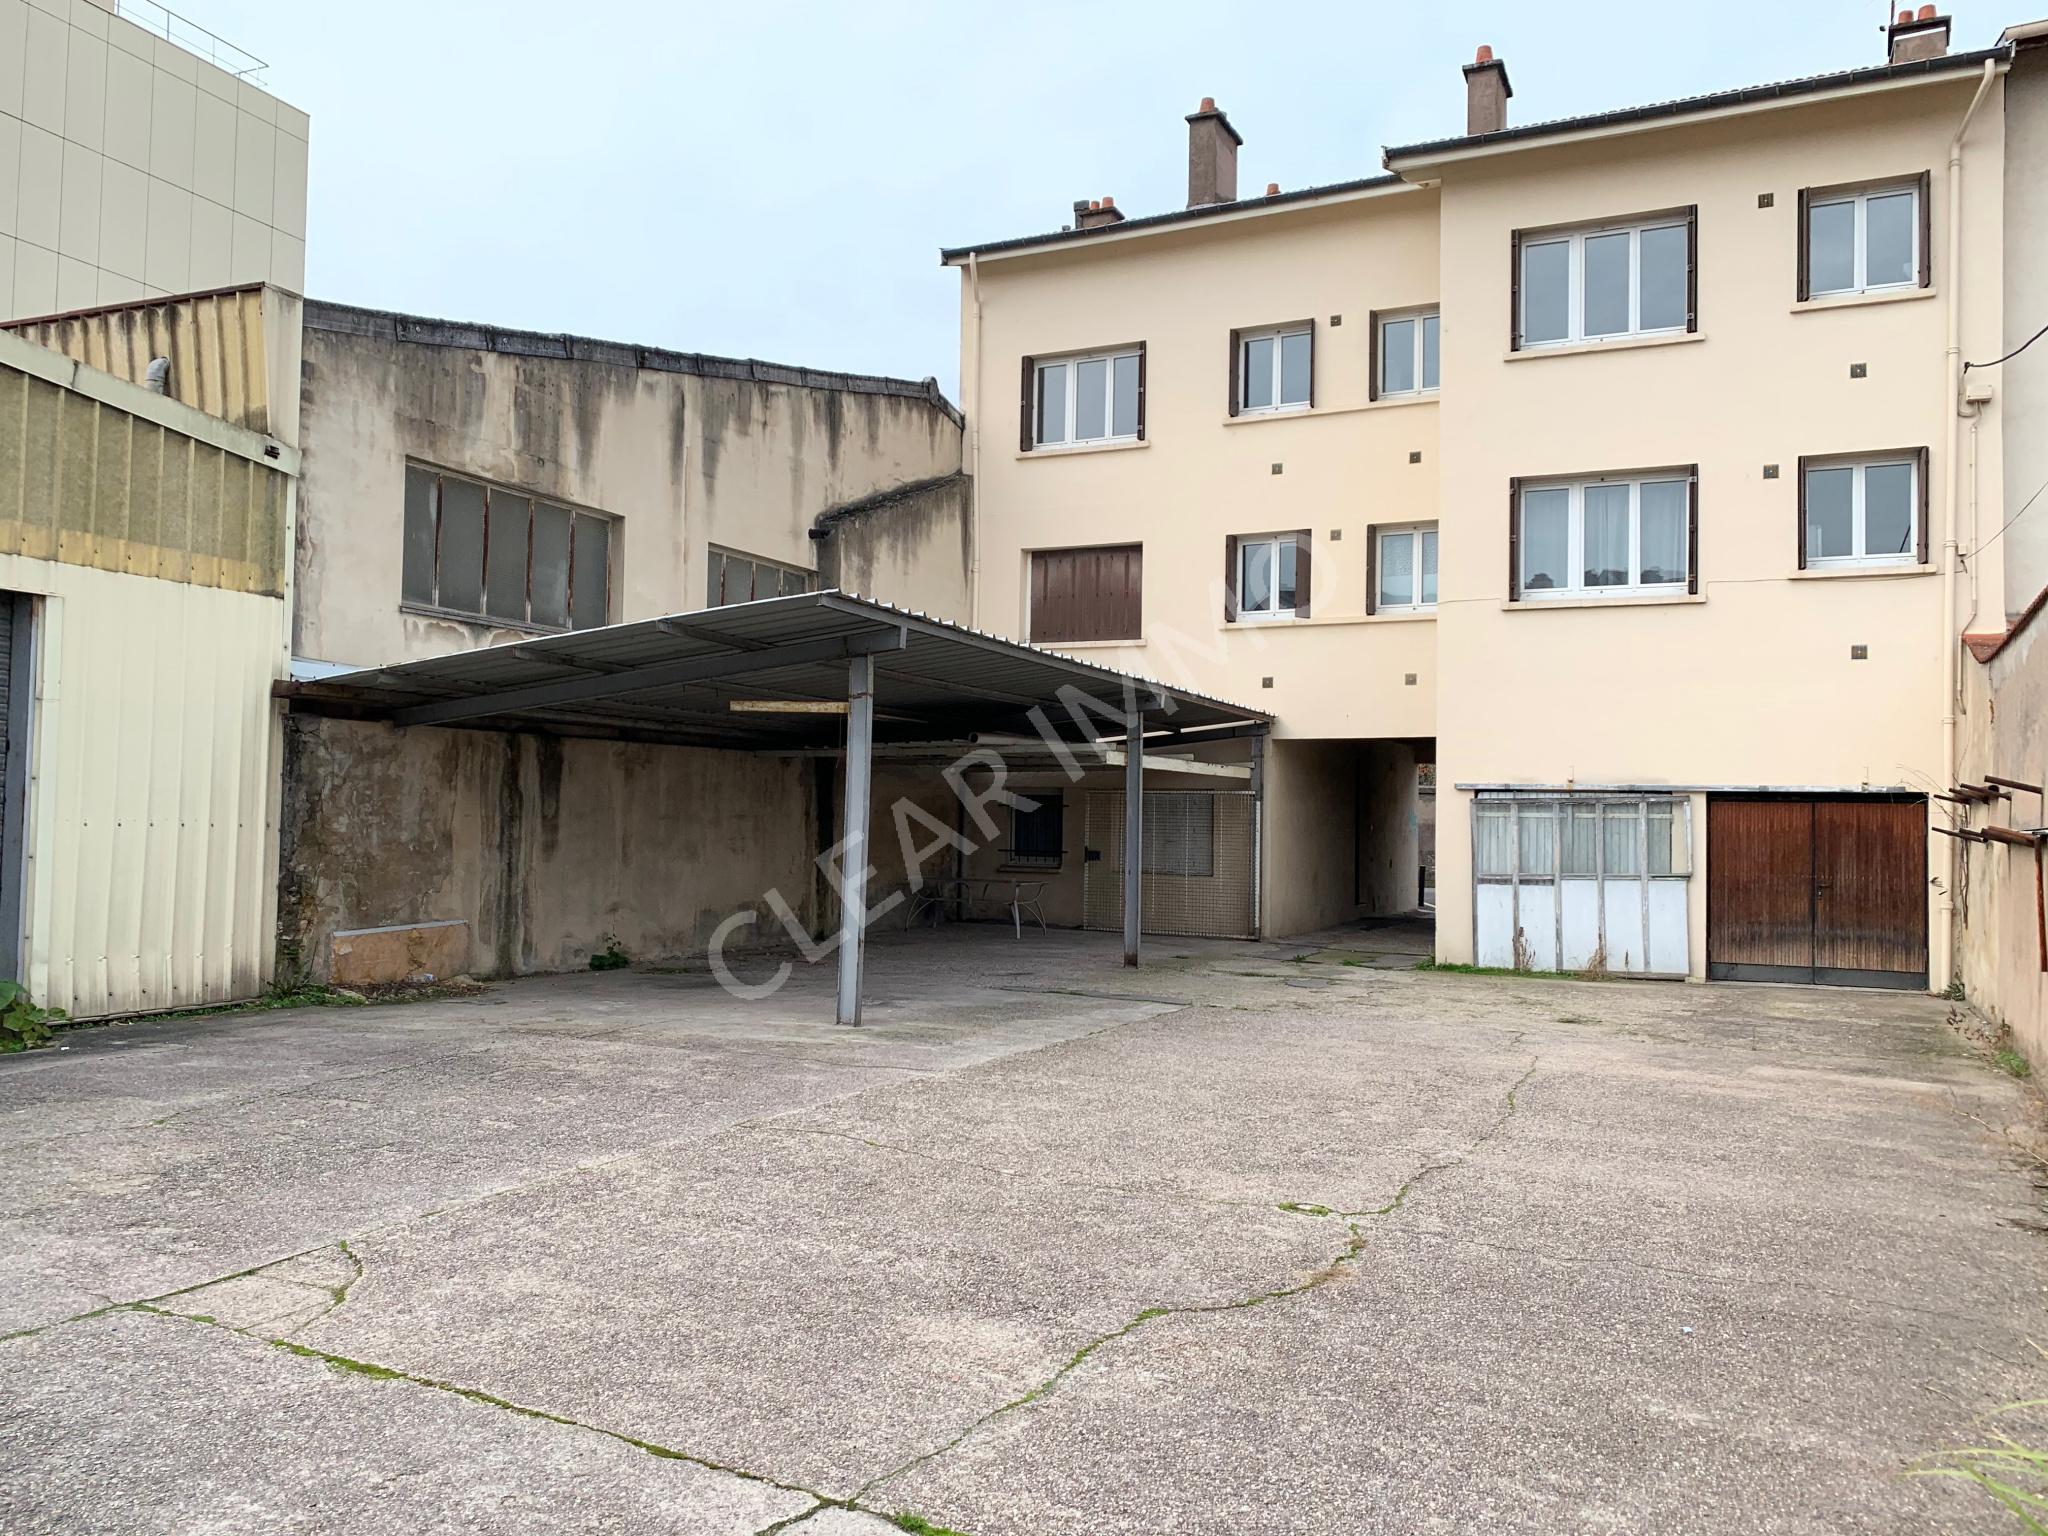 Cour - parkings - garages